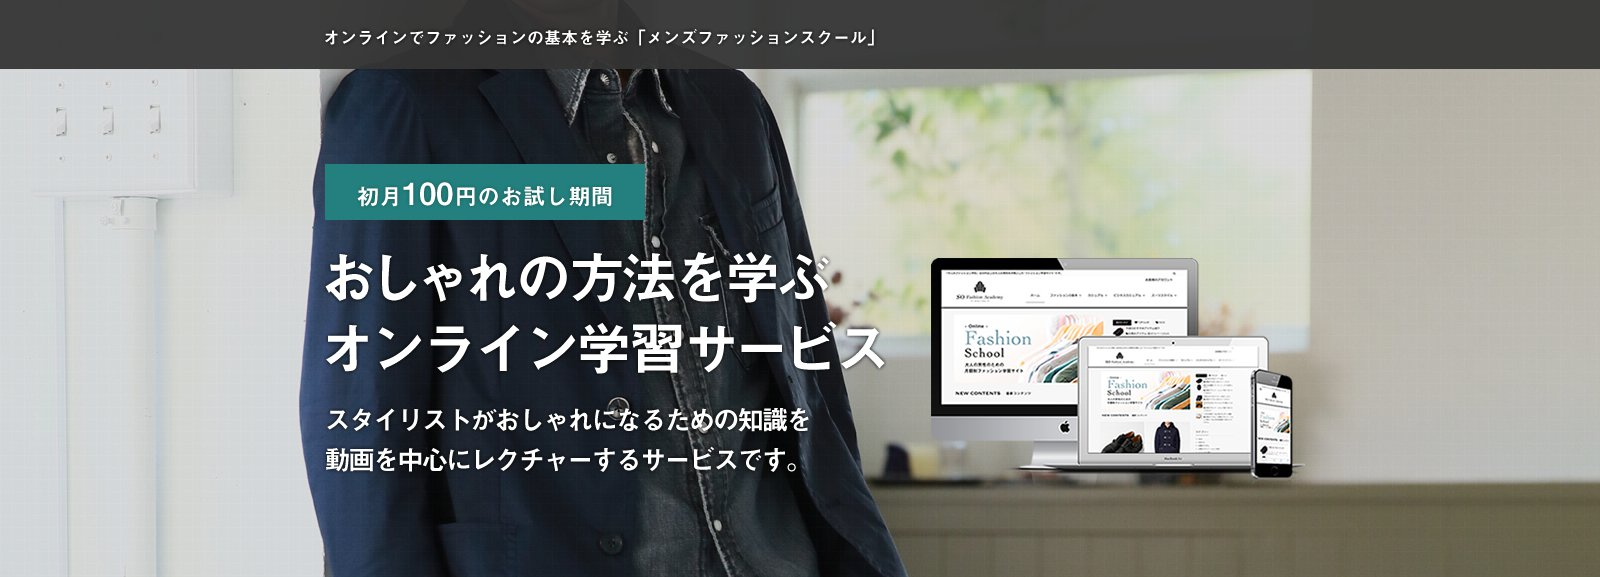 初月100円のお試し期間。おしゃれの方法を学ぶオンライン学習サービス。スタイリストがおしゃれになるための知識を動画を中心にレクチャーするサービスです。